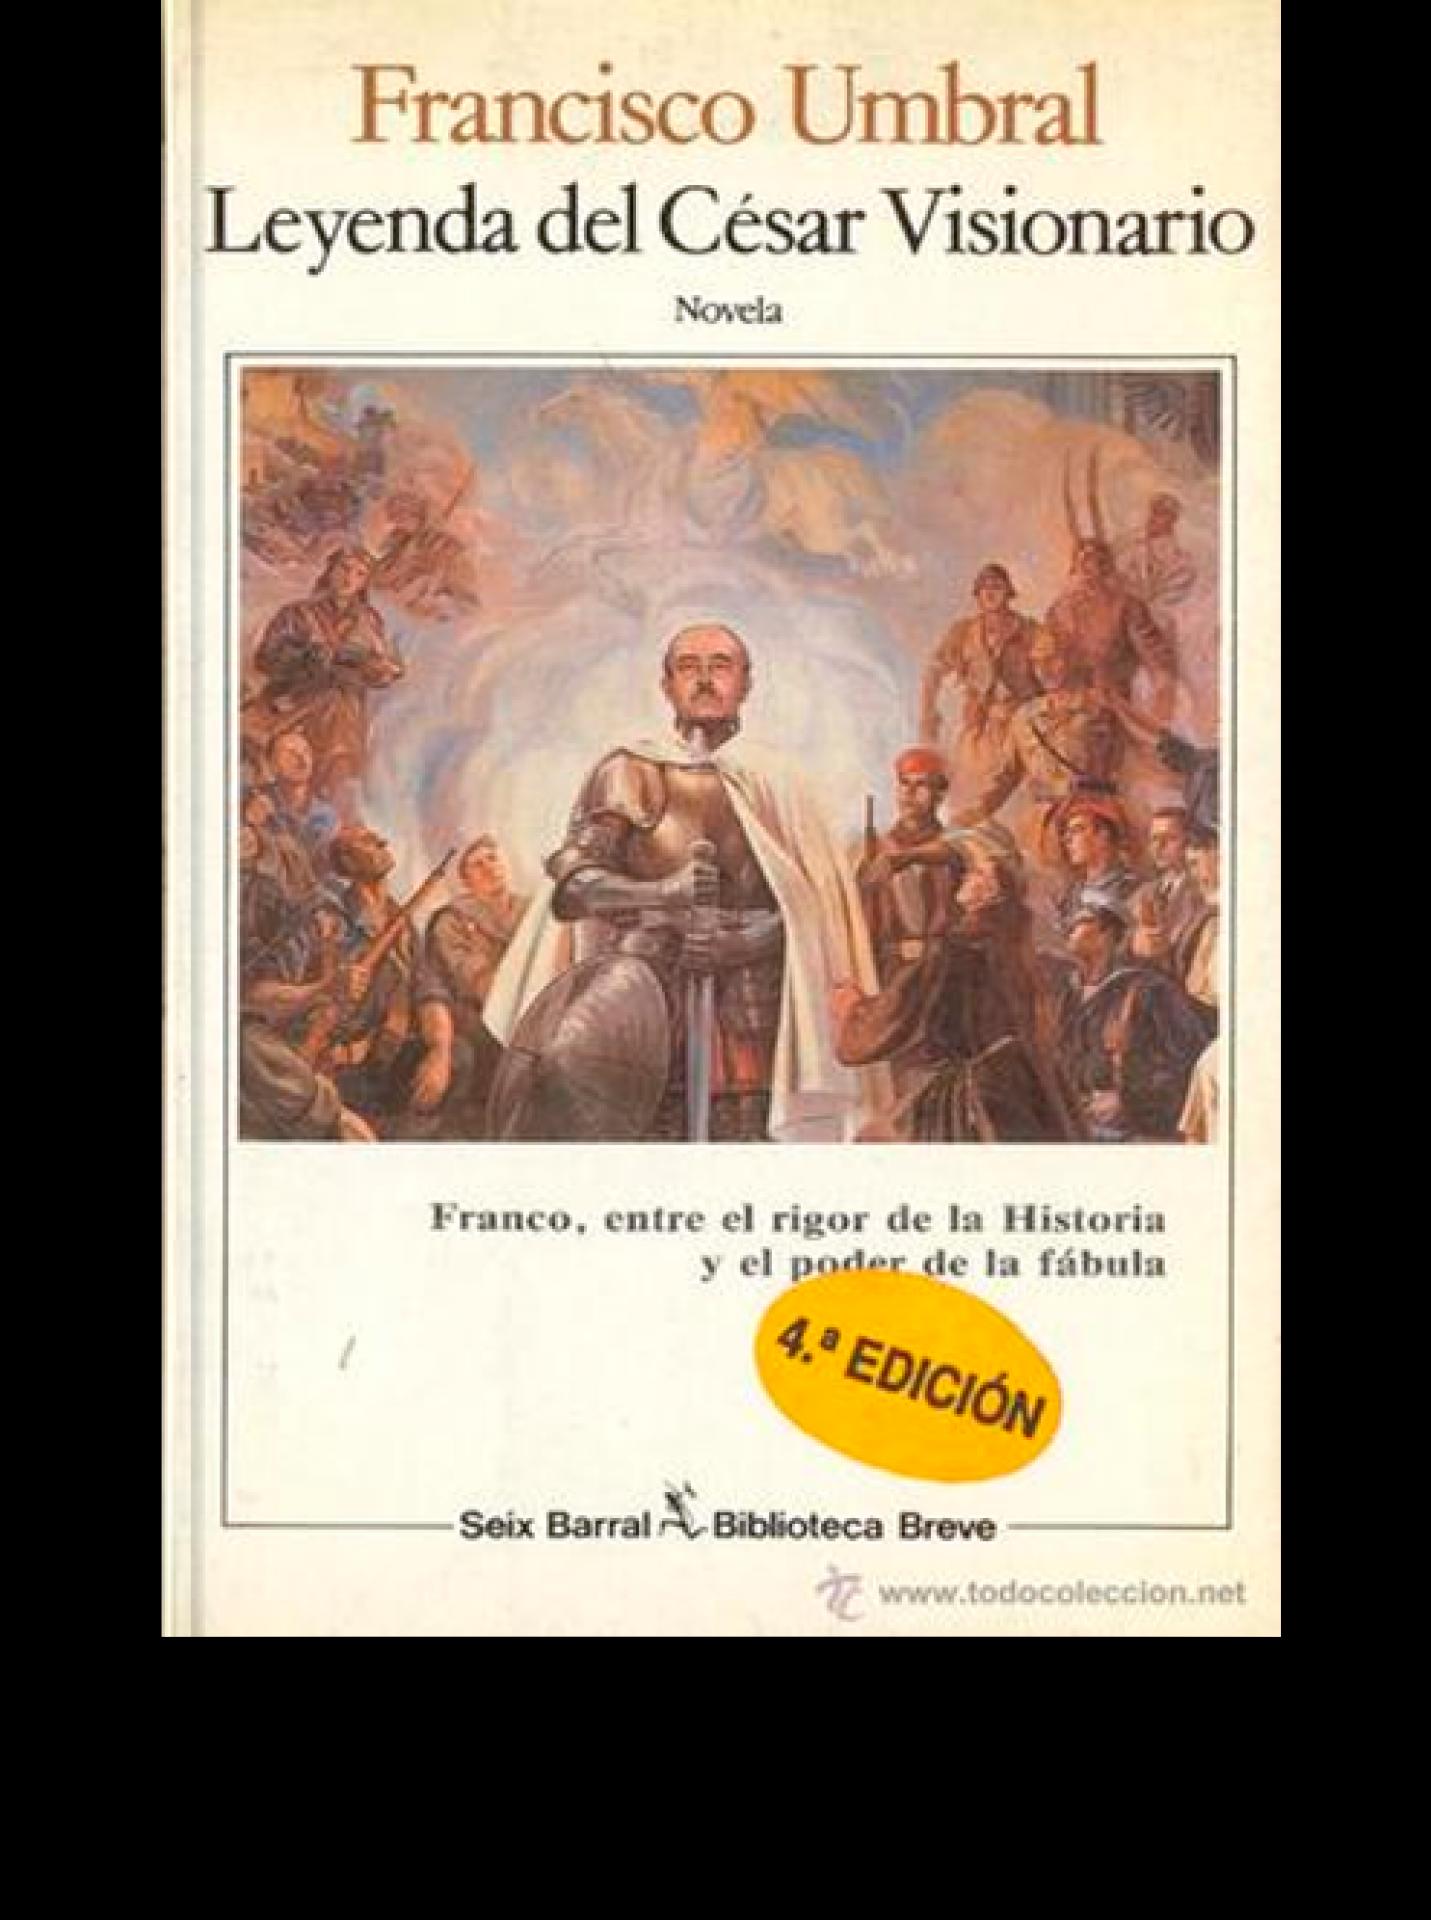 Leyenda del César Visionario